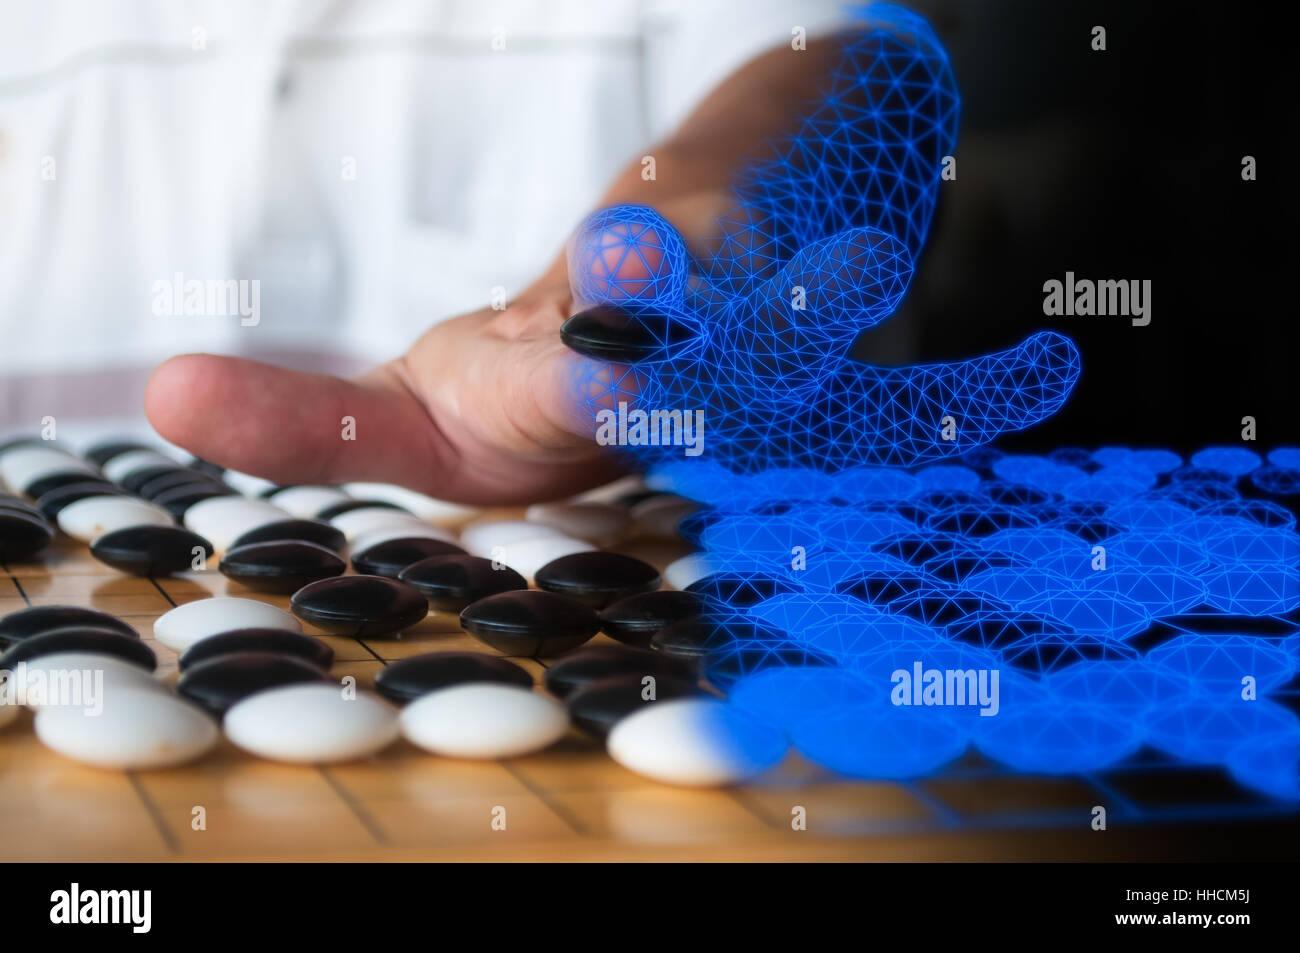 Menschlichen Plaing gehen auf Computer Wireframe stellvertretend für künstliche Intelligenz Konzept Blau gemischt. Stockfoto